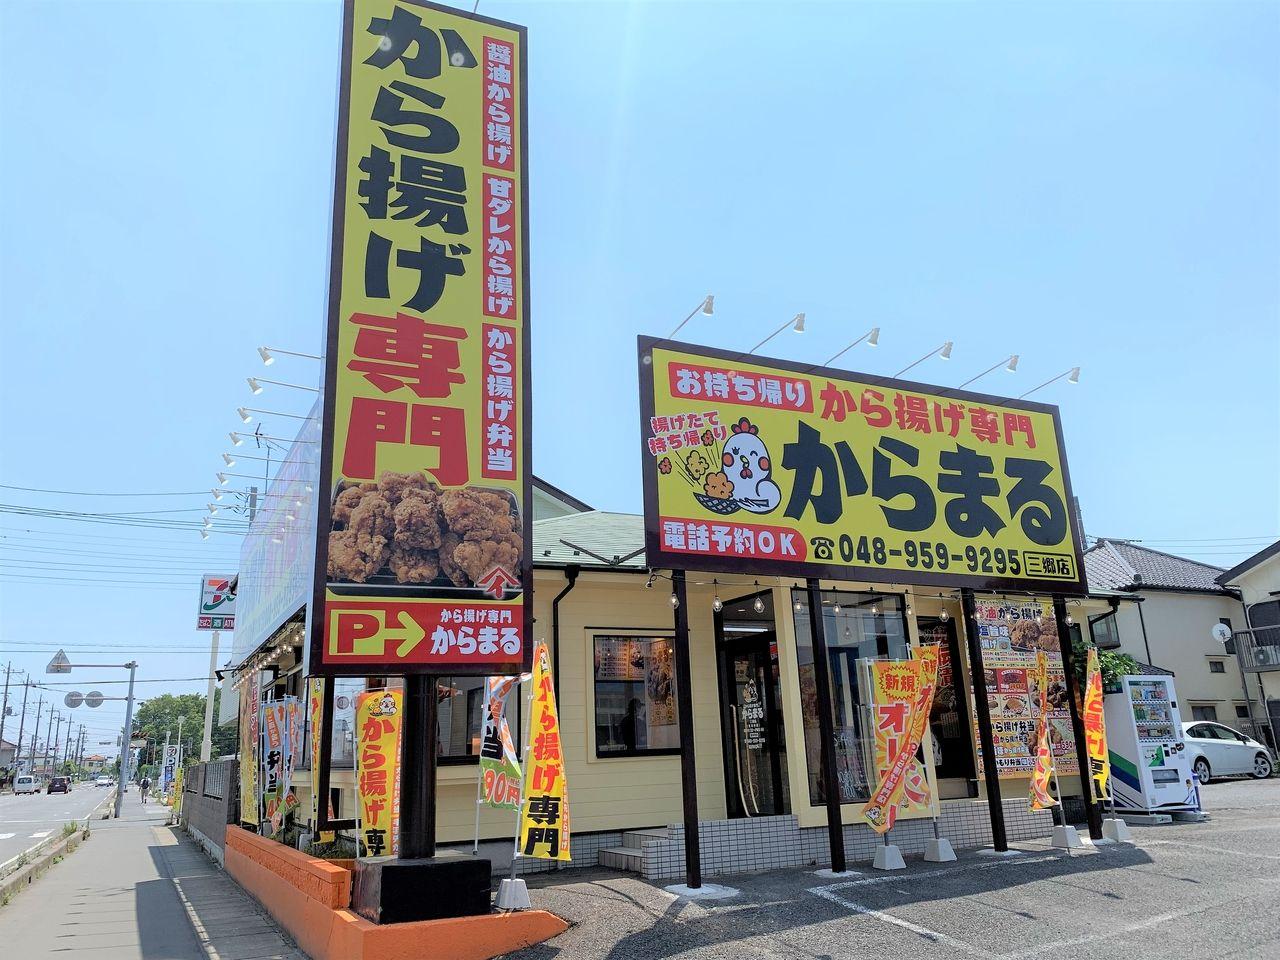 【三郷市食べ歩きブログ】三郷市鷹野3丁目にオープンしましたお持ち帰りから揚げ専門店「からまる三郷店」へ行ってきました!